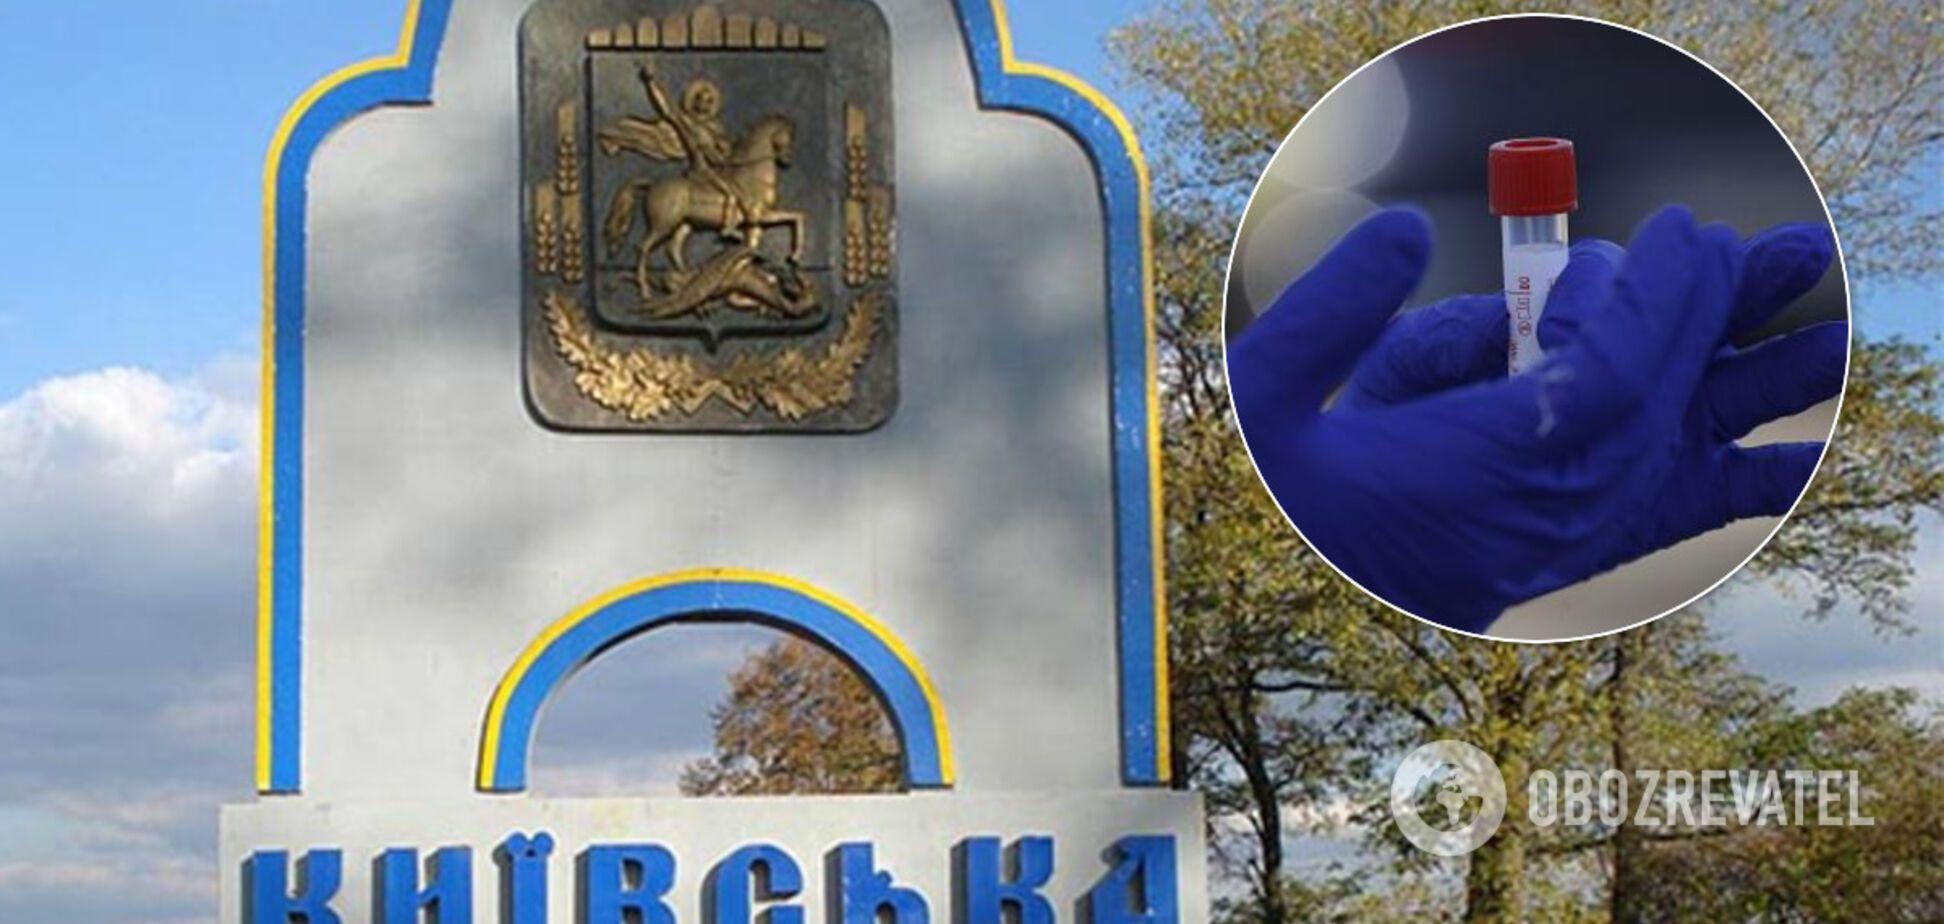 Коронавирус на Киевщине забрал еще одну жизнь. Иллюстрация